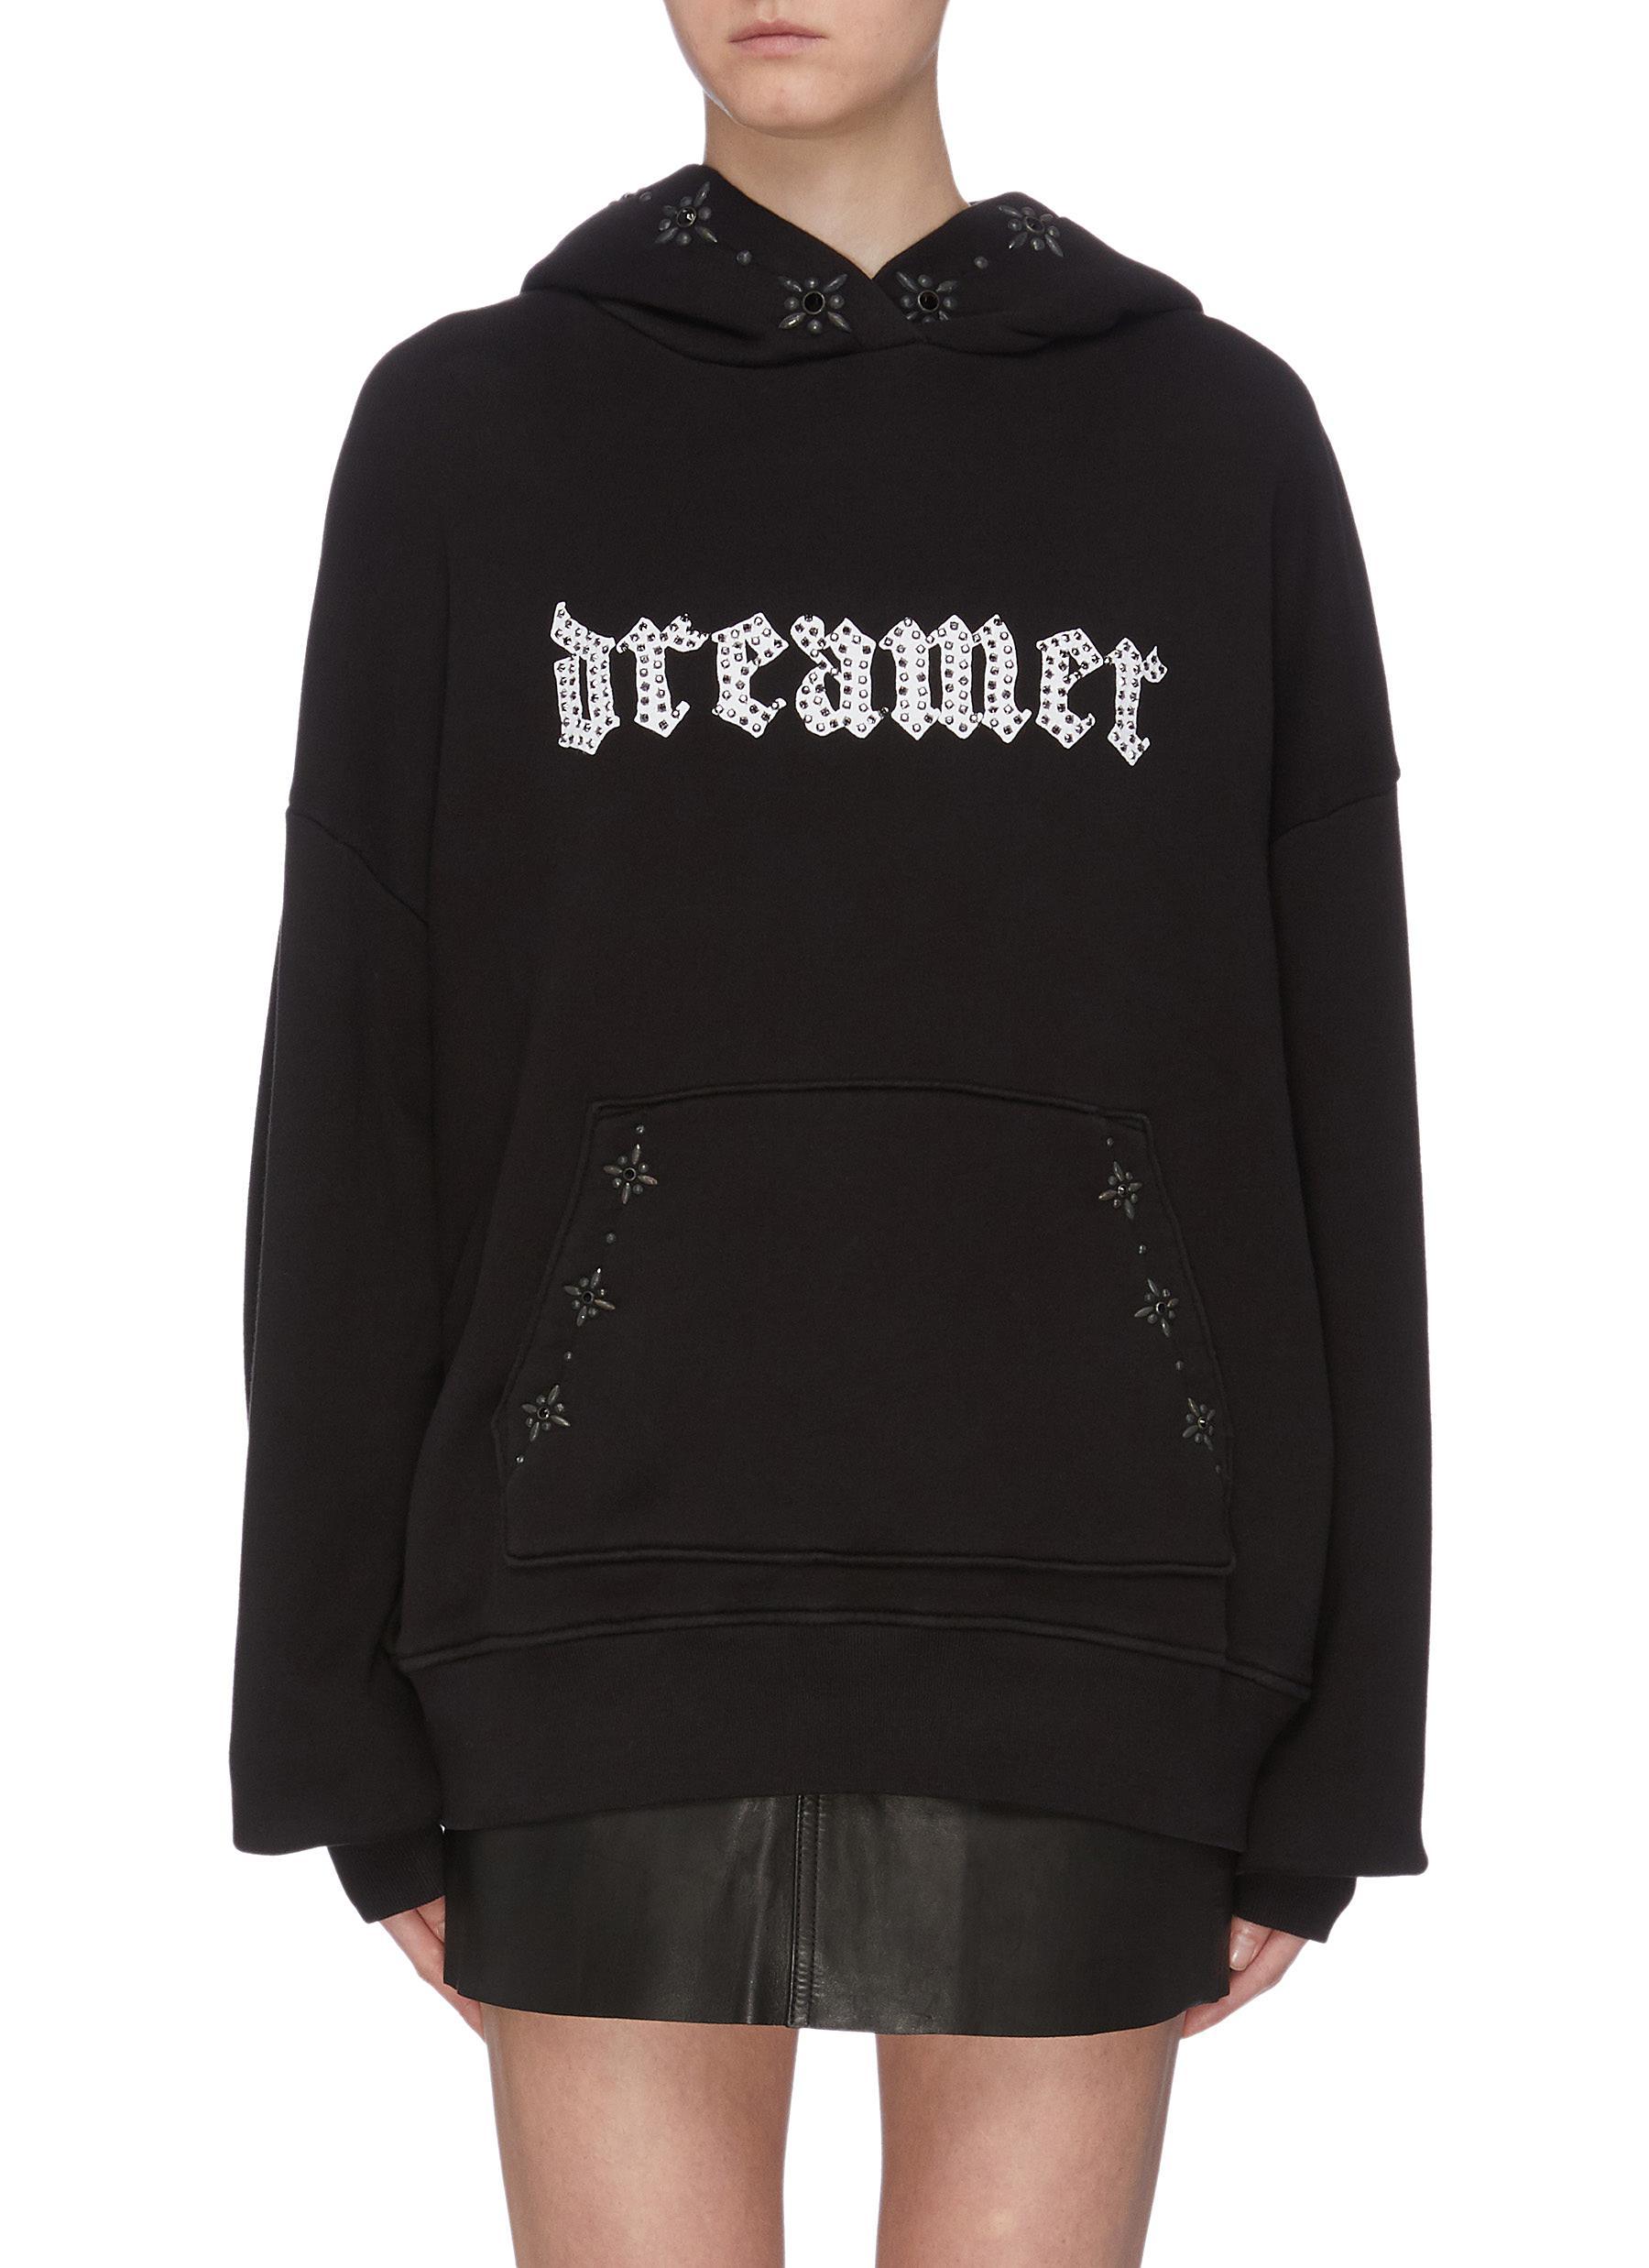 Dream stud slogan print hoodie by Amiri